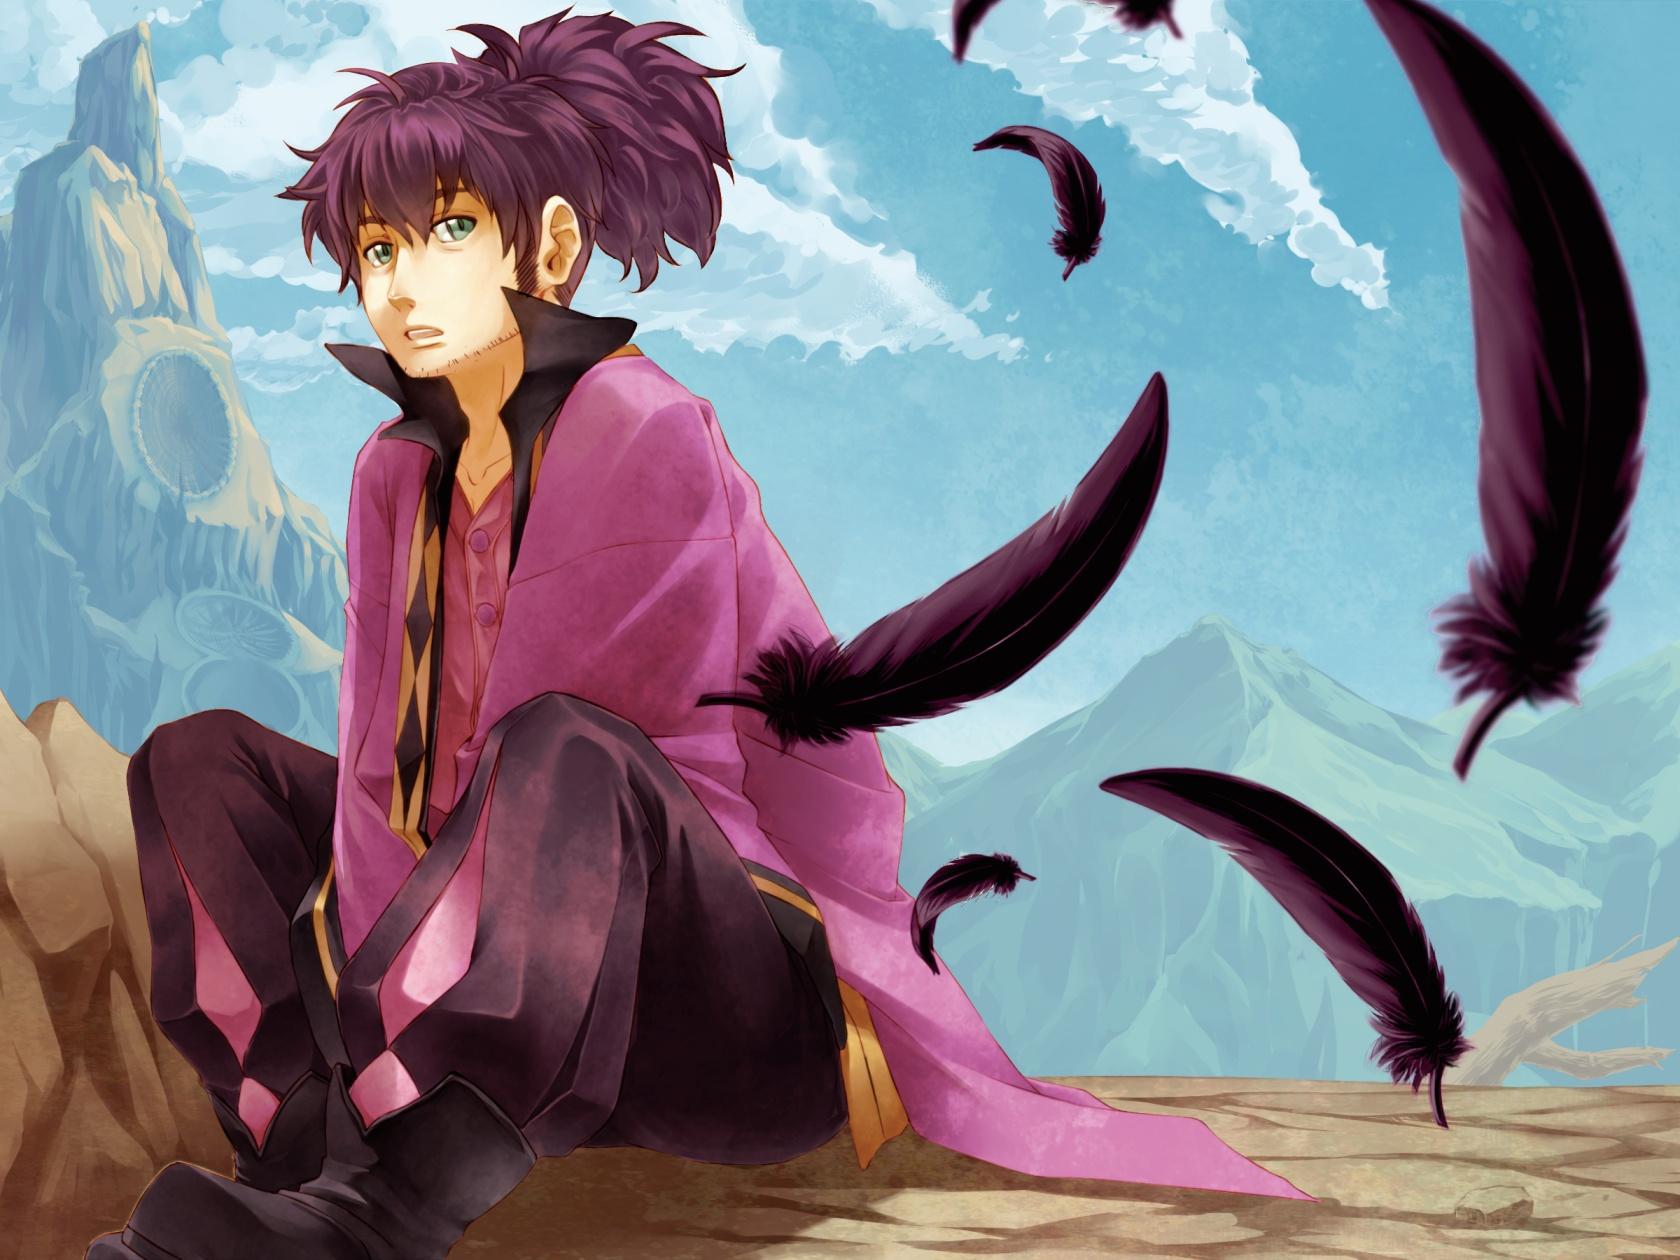 Tales of Vesperia Raven wallpaper | 1680x1260 | 163447 ...